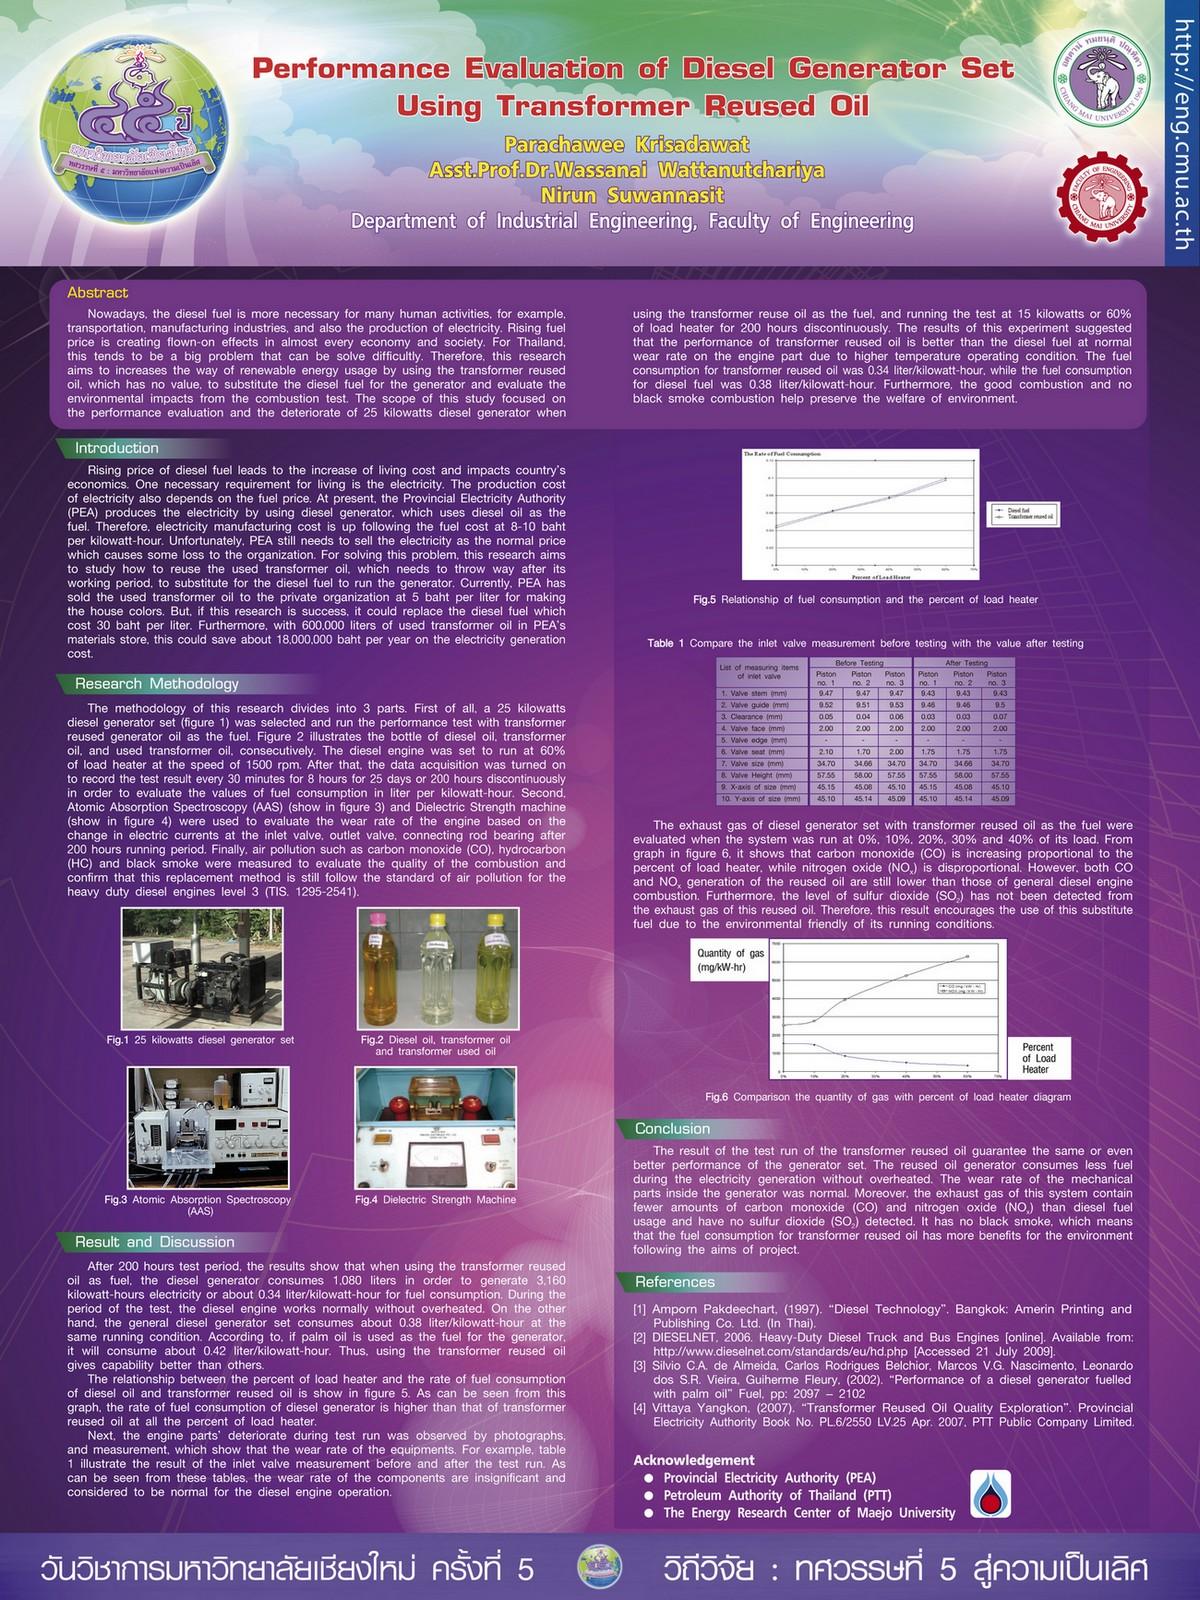 tri u award winners small size 1200px times 1600px